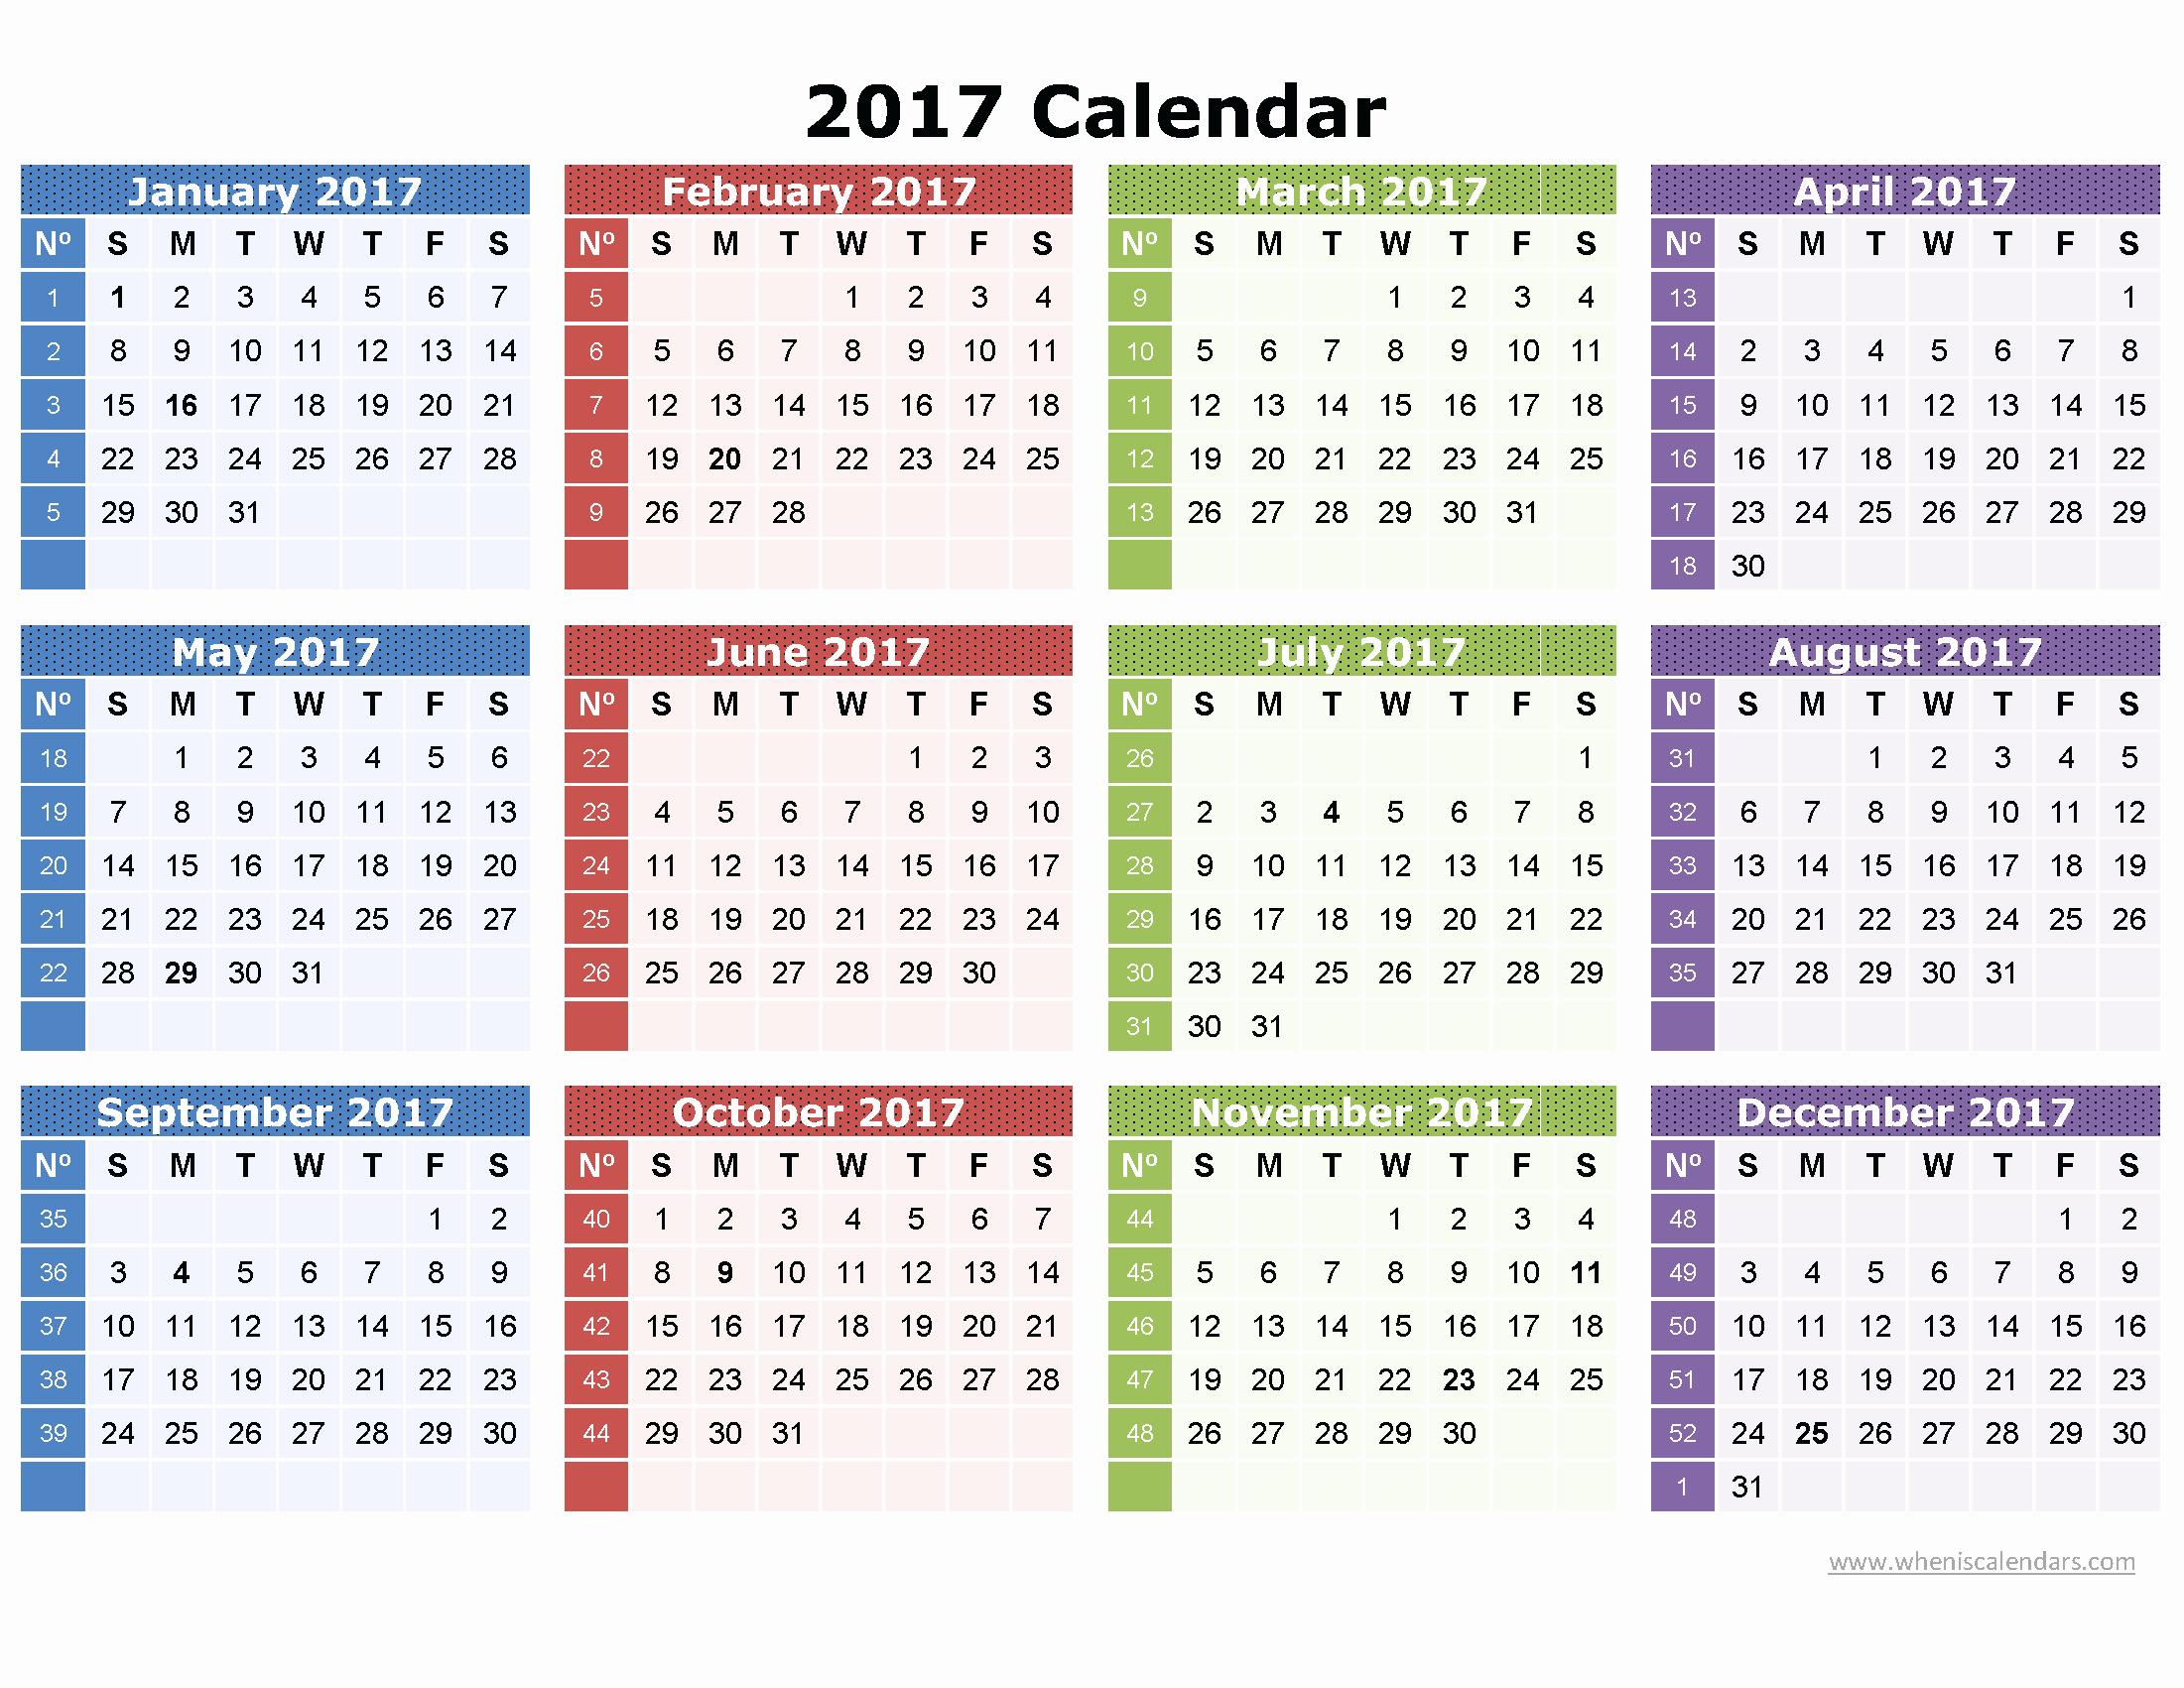 2017 Calendar Month by Month Best Of 2017 Year Calendar Wallpaper Download Free 2017 Calendar